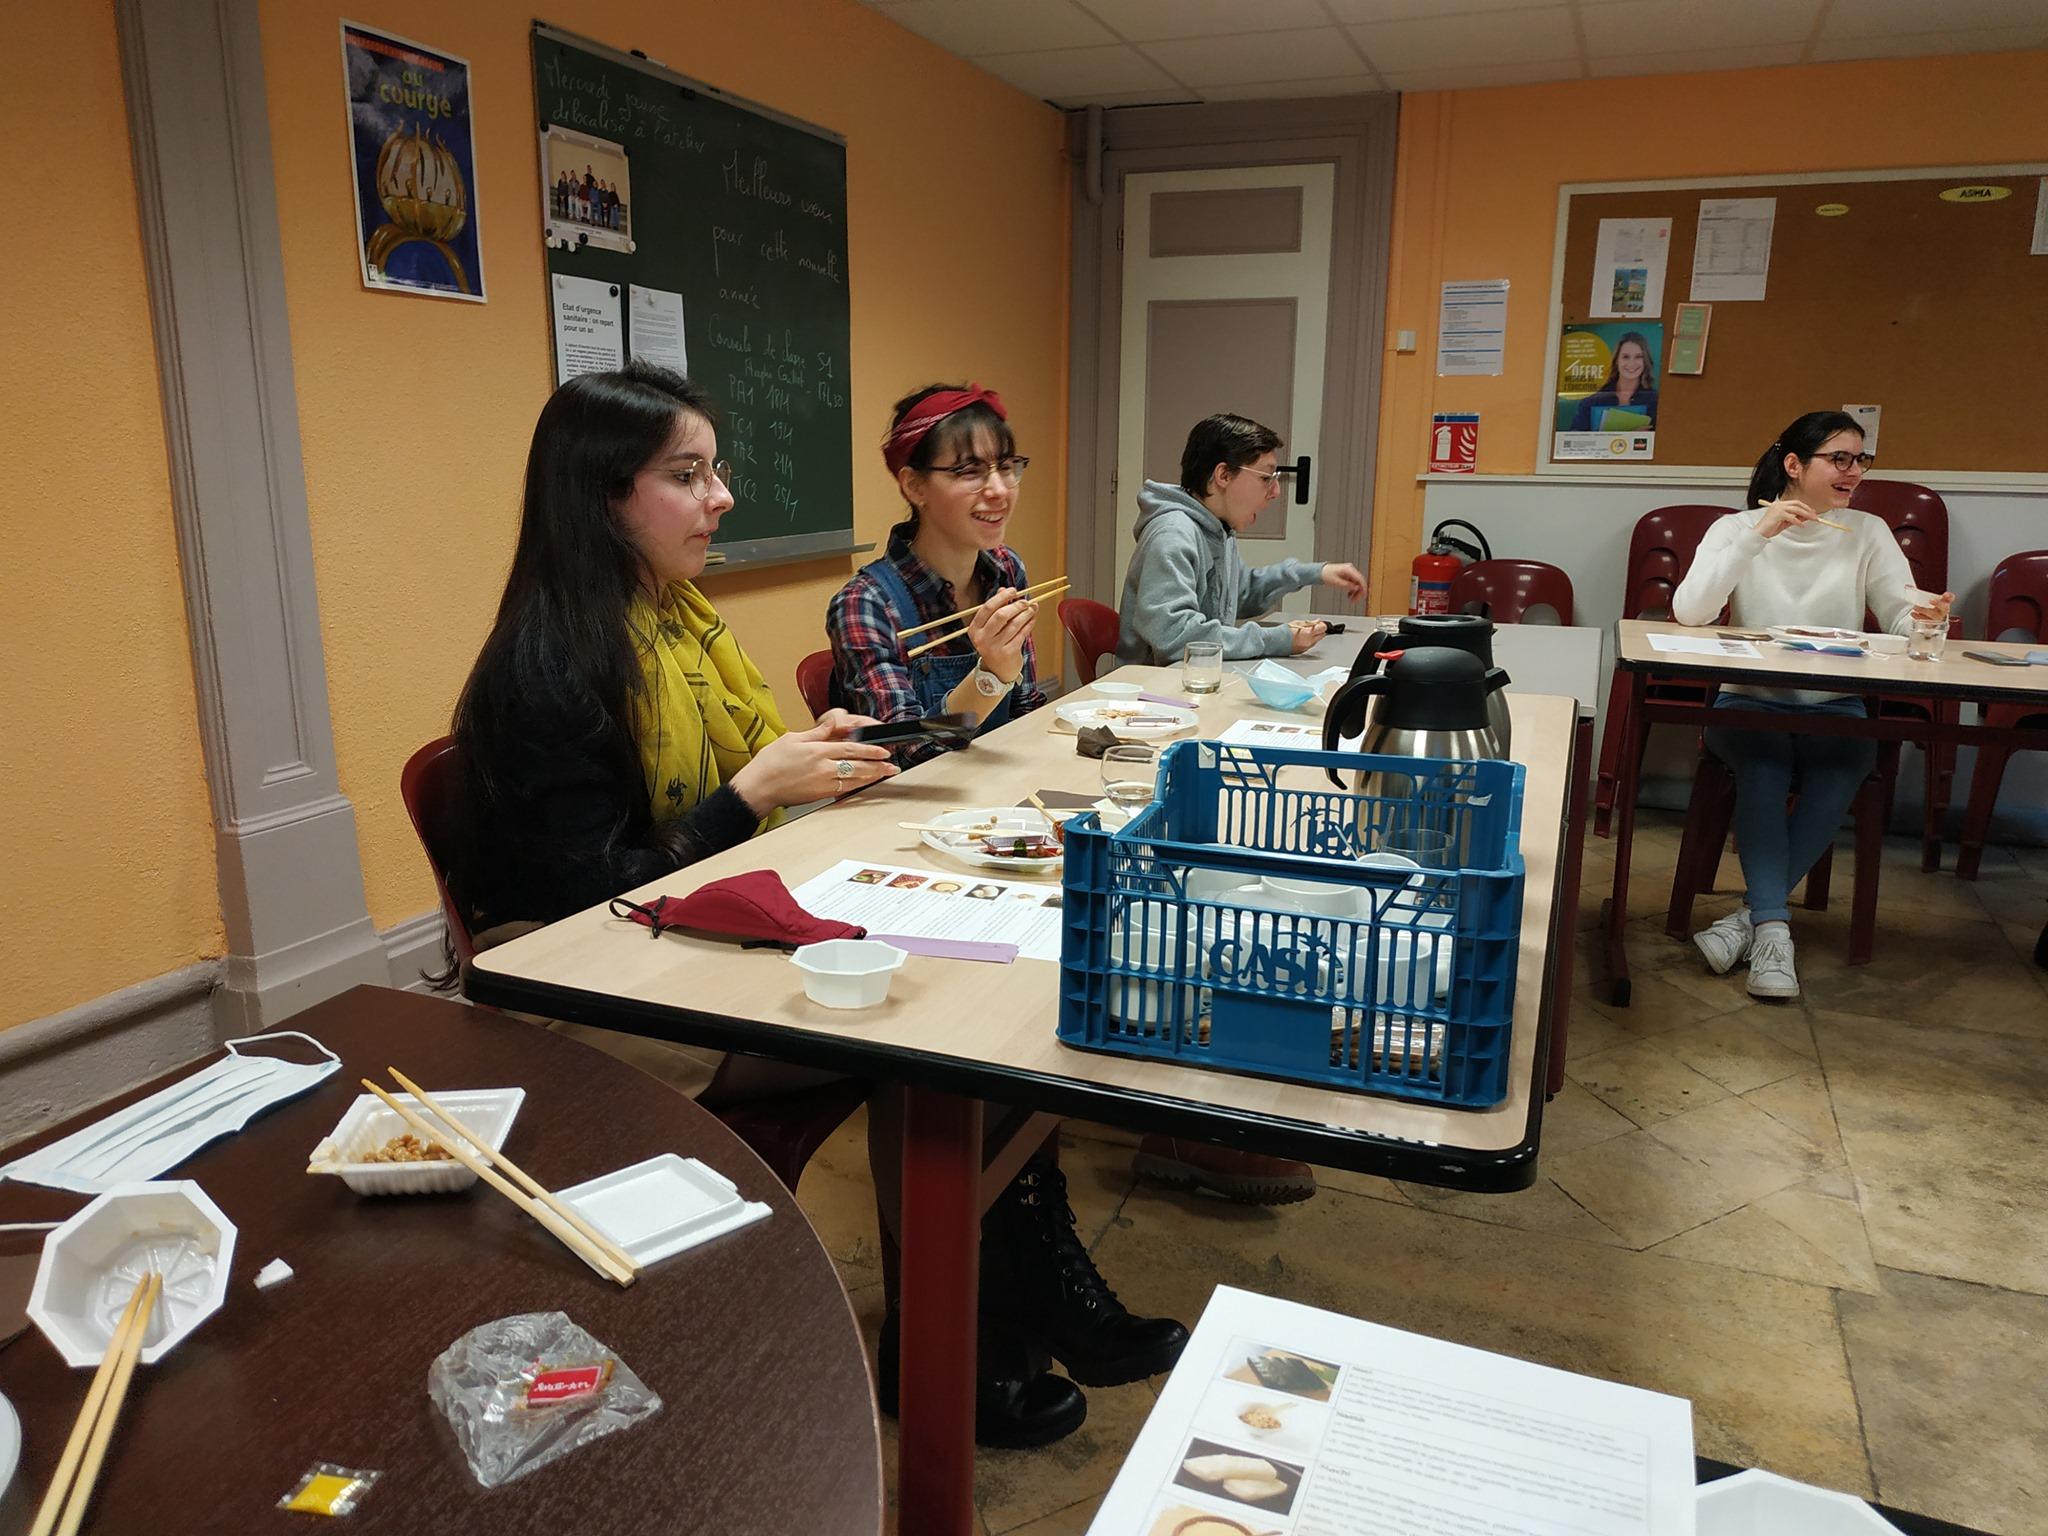 Atelier de cuisine japonaise offert par le Consulat du Japon aux membres du Club Manga.